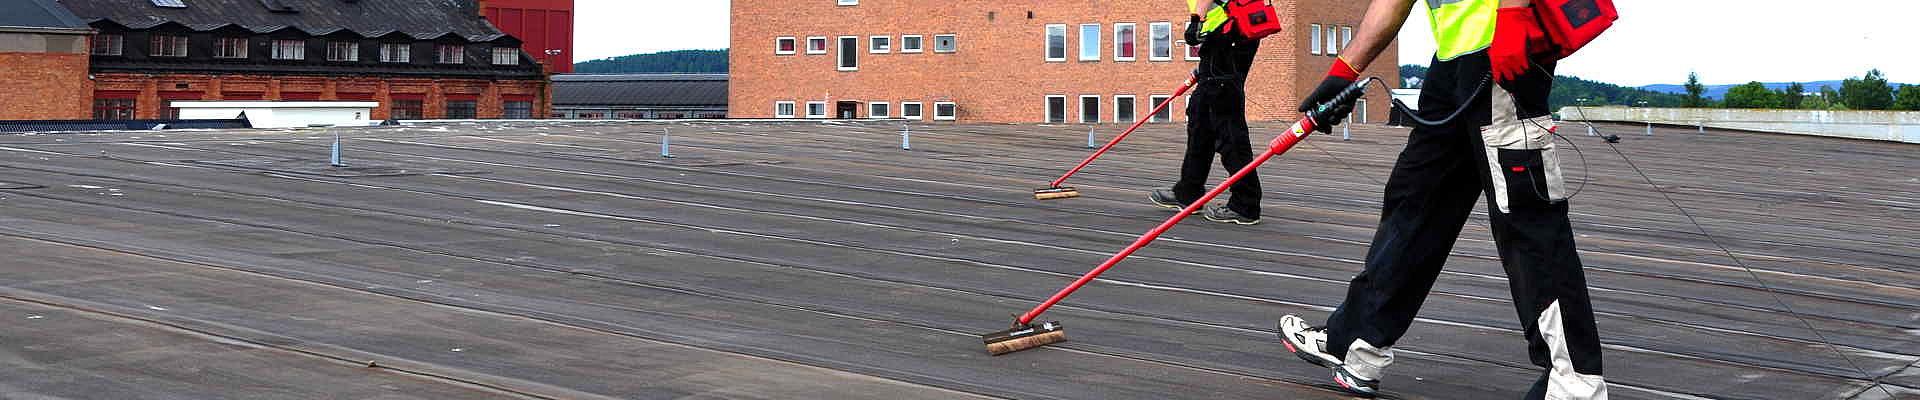 Innovativ und modern: Dachmonitoring zur Sicherung der Dachfläche